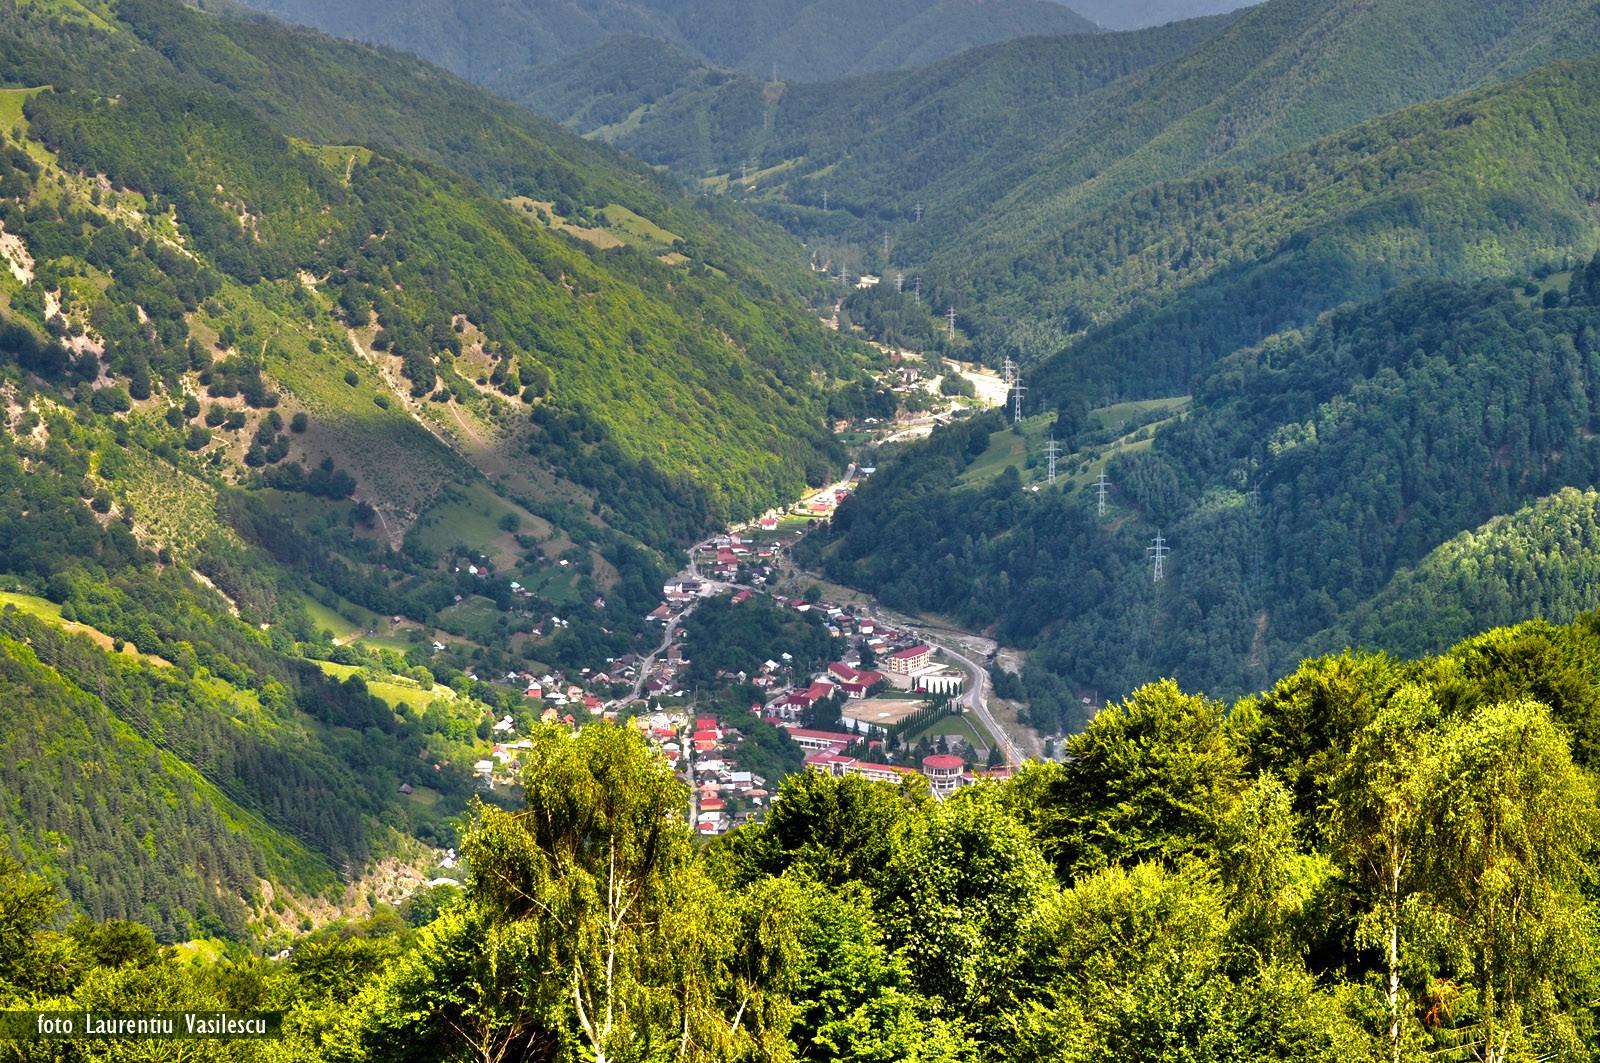 Mălaia, un important punct turistic pe harta celor mai frumoase zone ale judeţului